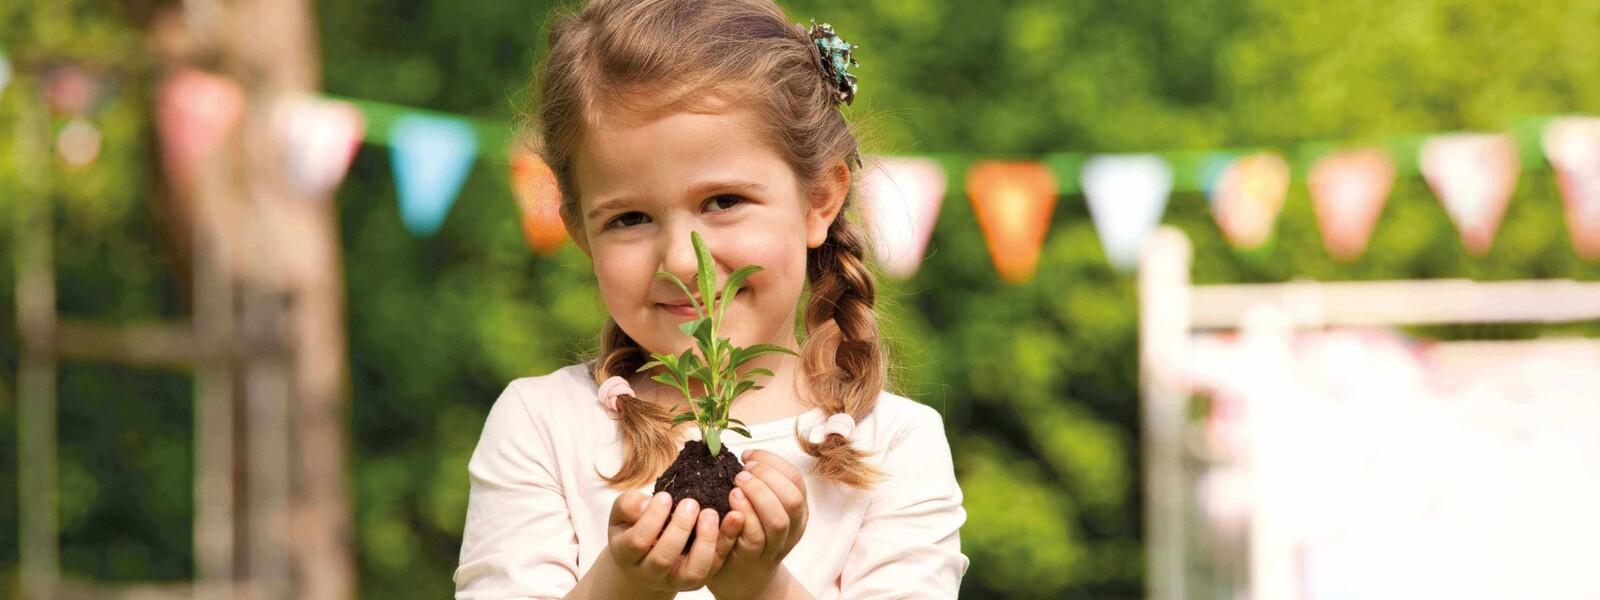 Junges Mädchen steht im Garten und hält ein Pflänzchen in den Händen